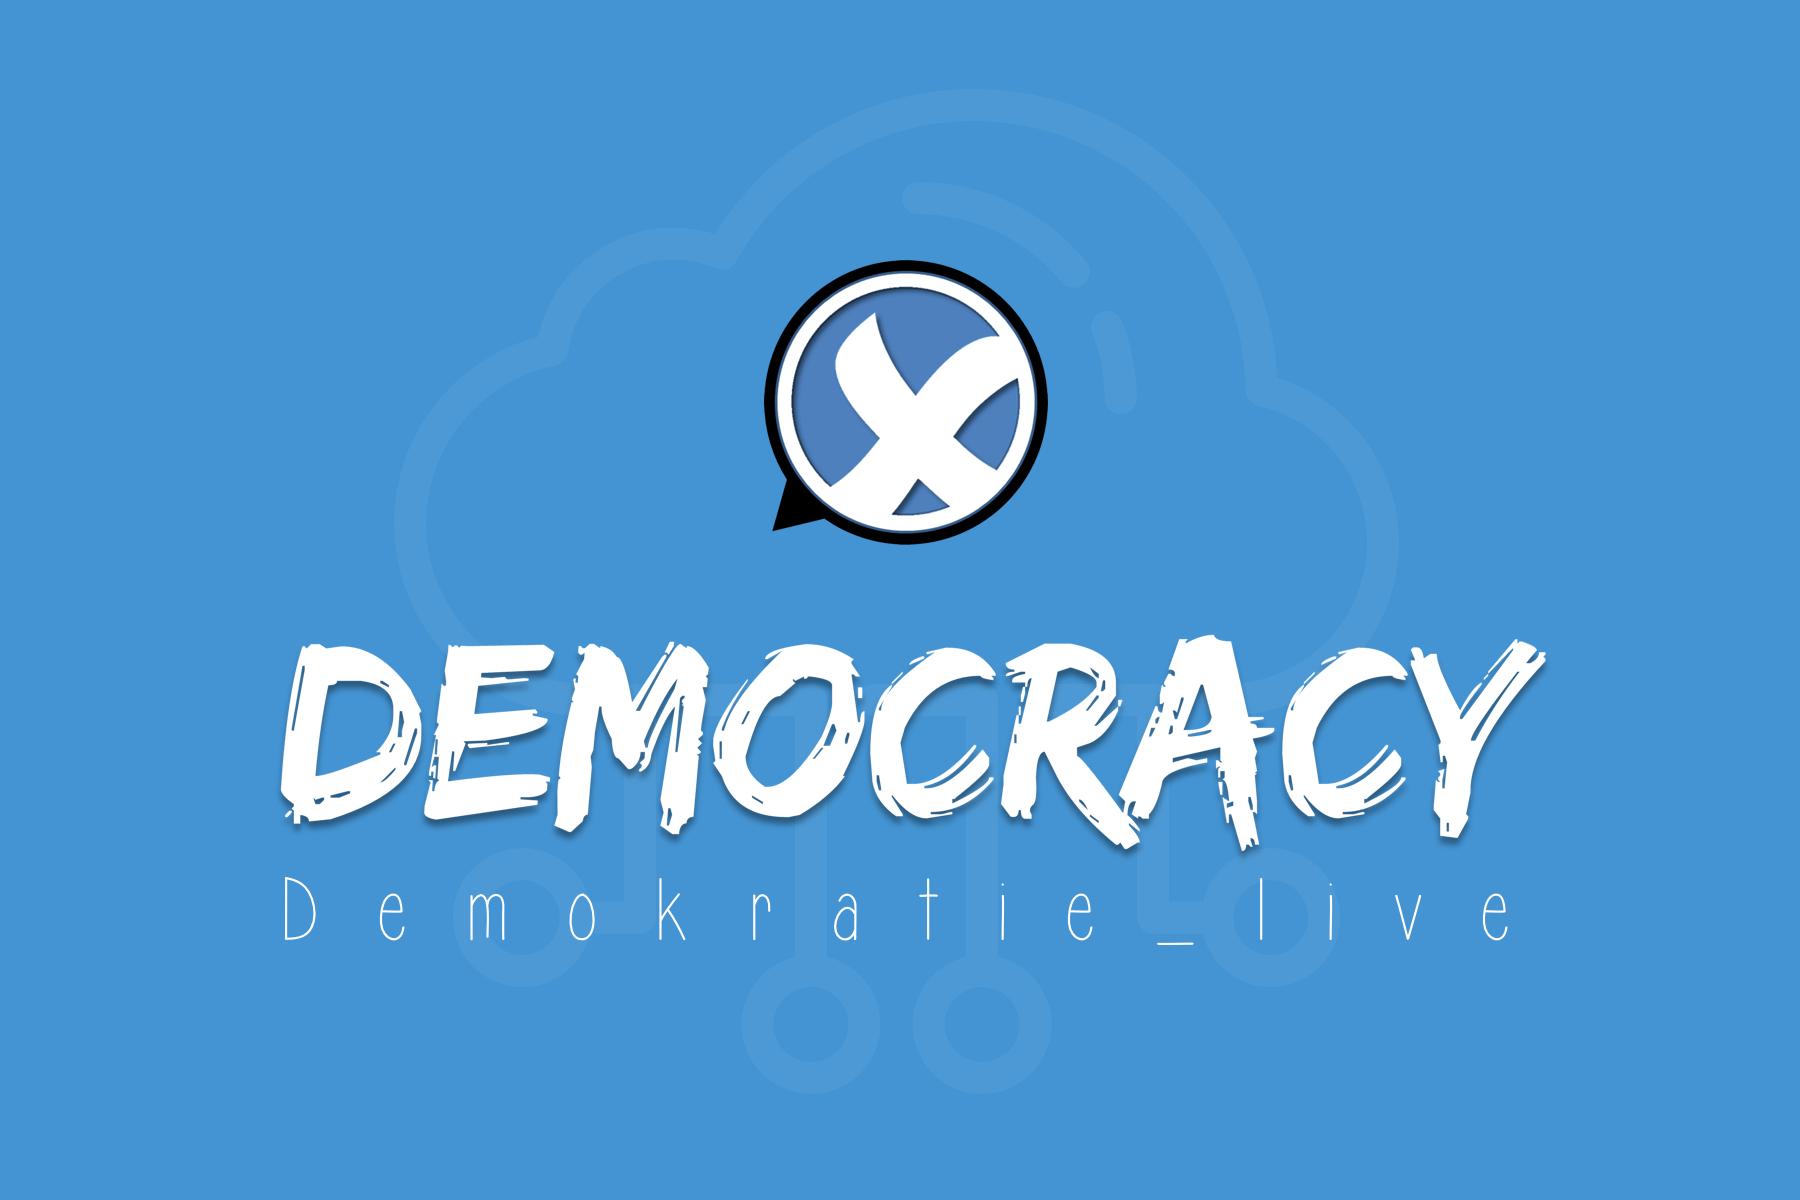 DEMOCRACY Deutschland